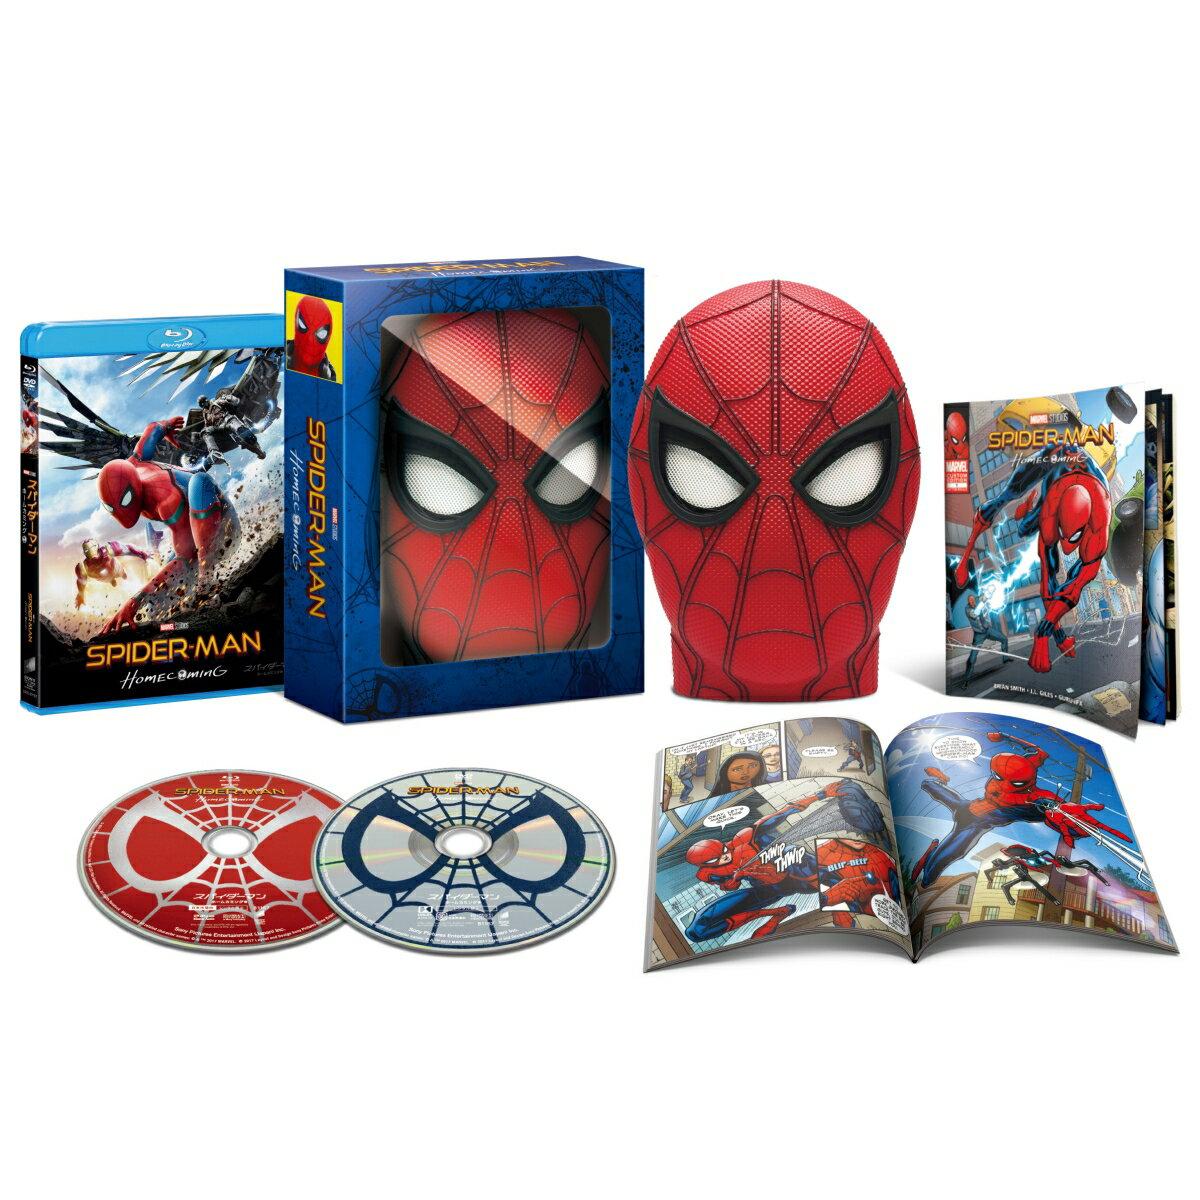 【楽天ブックス限定】スパイダーマン:ホームカミング ブルーレイ & DVDセット<br />スパイダーマンの目が動く!マスク型ケース仕様【初回生産限定】